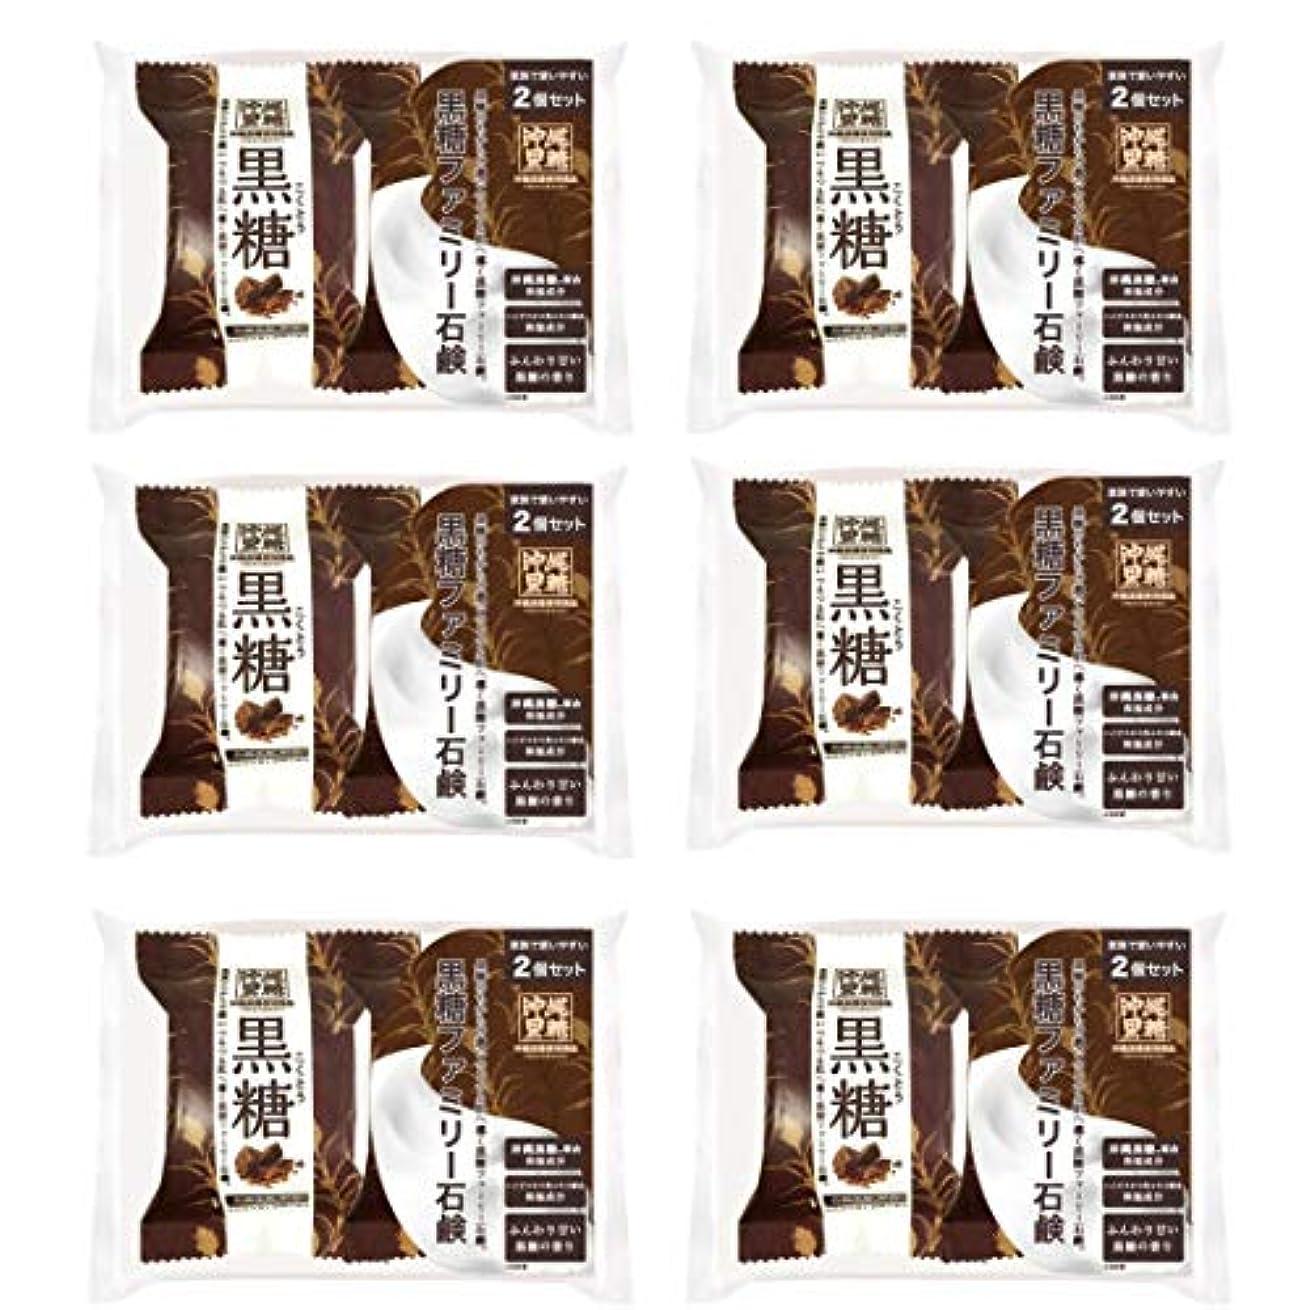 期限切れ然とした優先権【6個セット】ペリカン石鹸 ファミリー黒糖石鹸 80g×2個